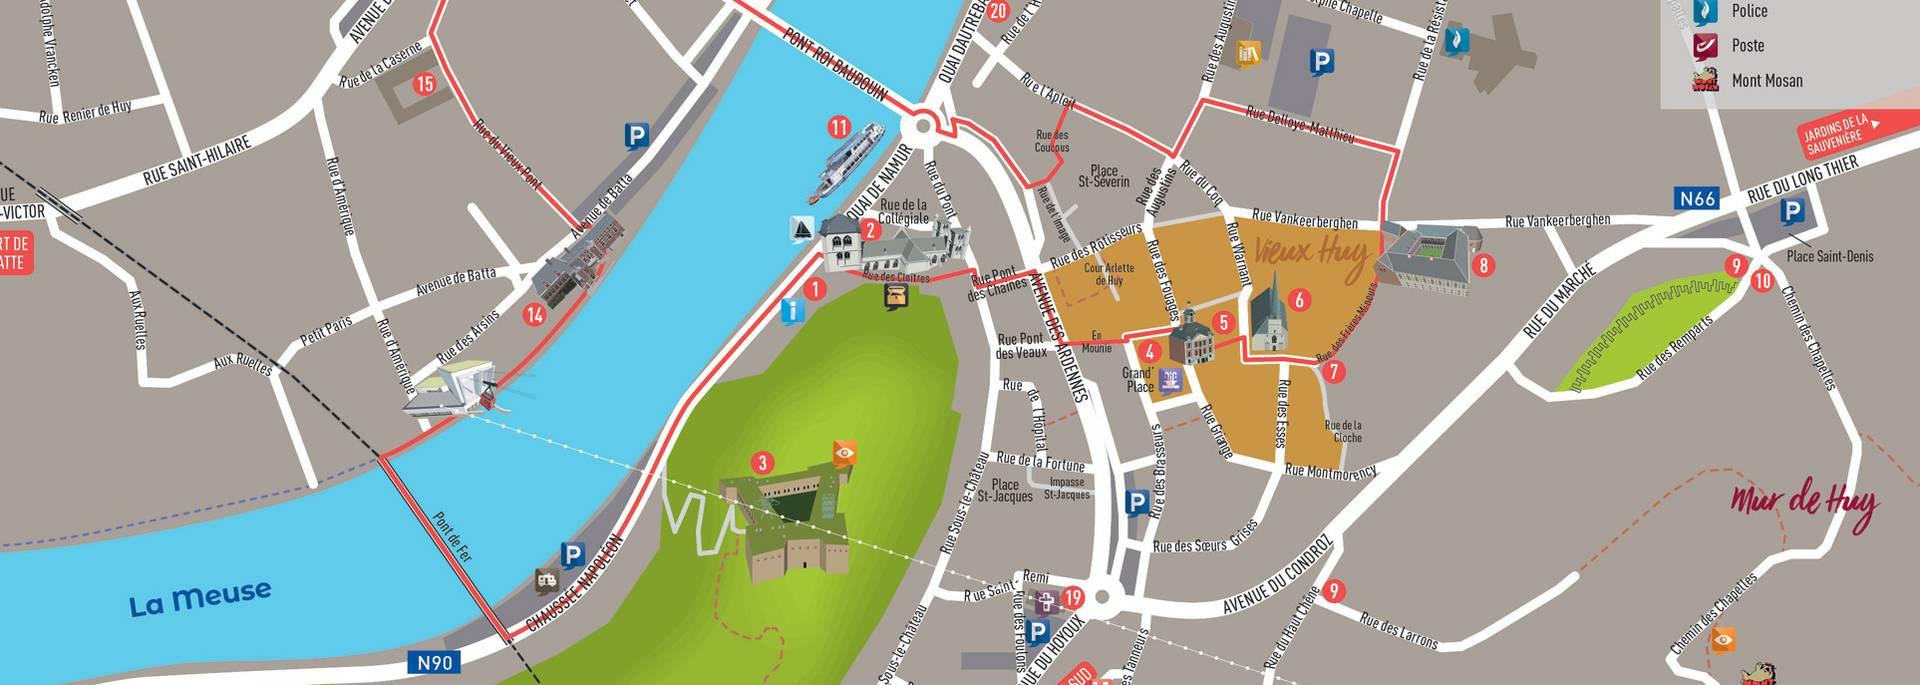 Plan du centre de la ville de Huy